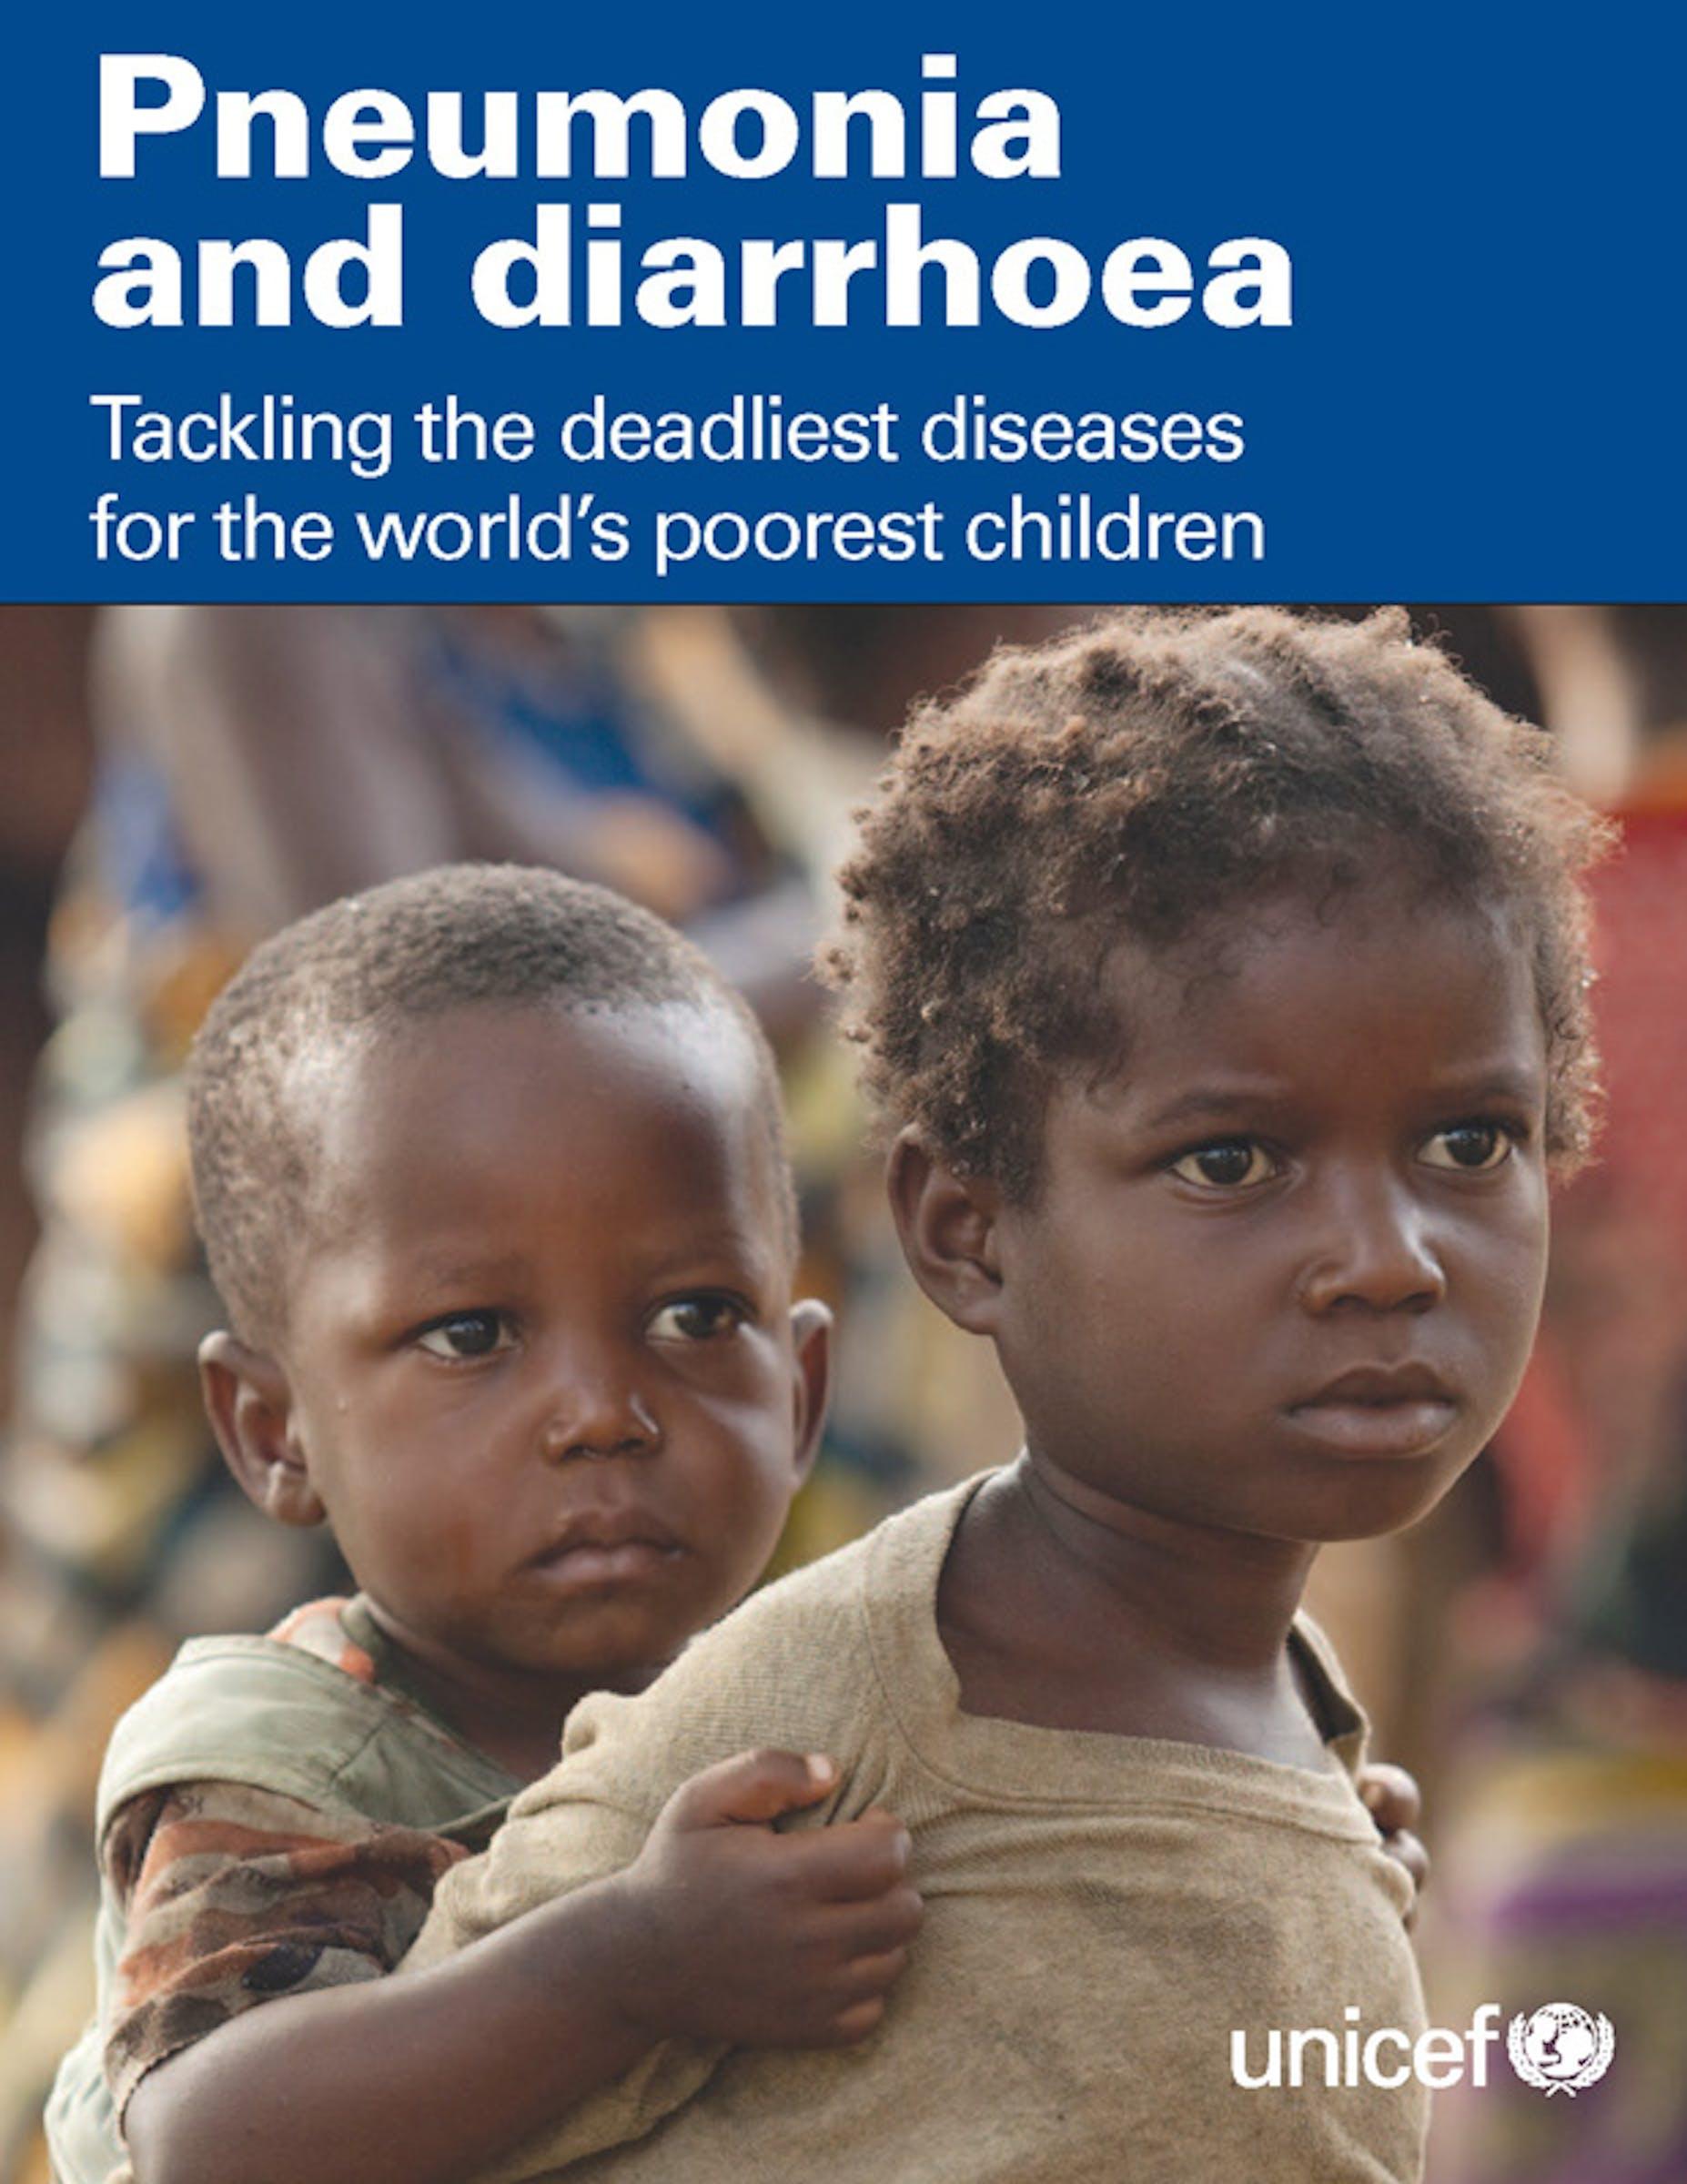 Copertina del Rapporto UNICEF 2012 su Polmonite e diarrea